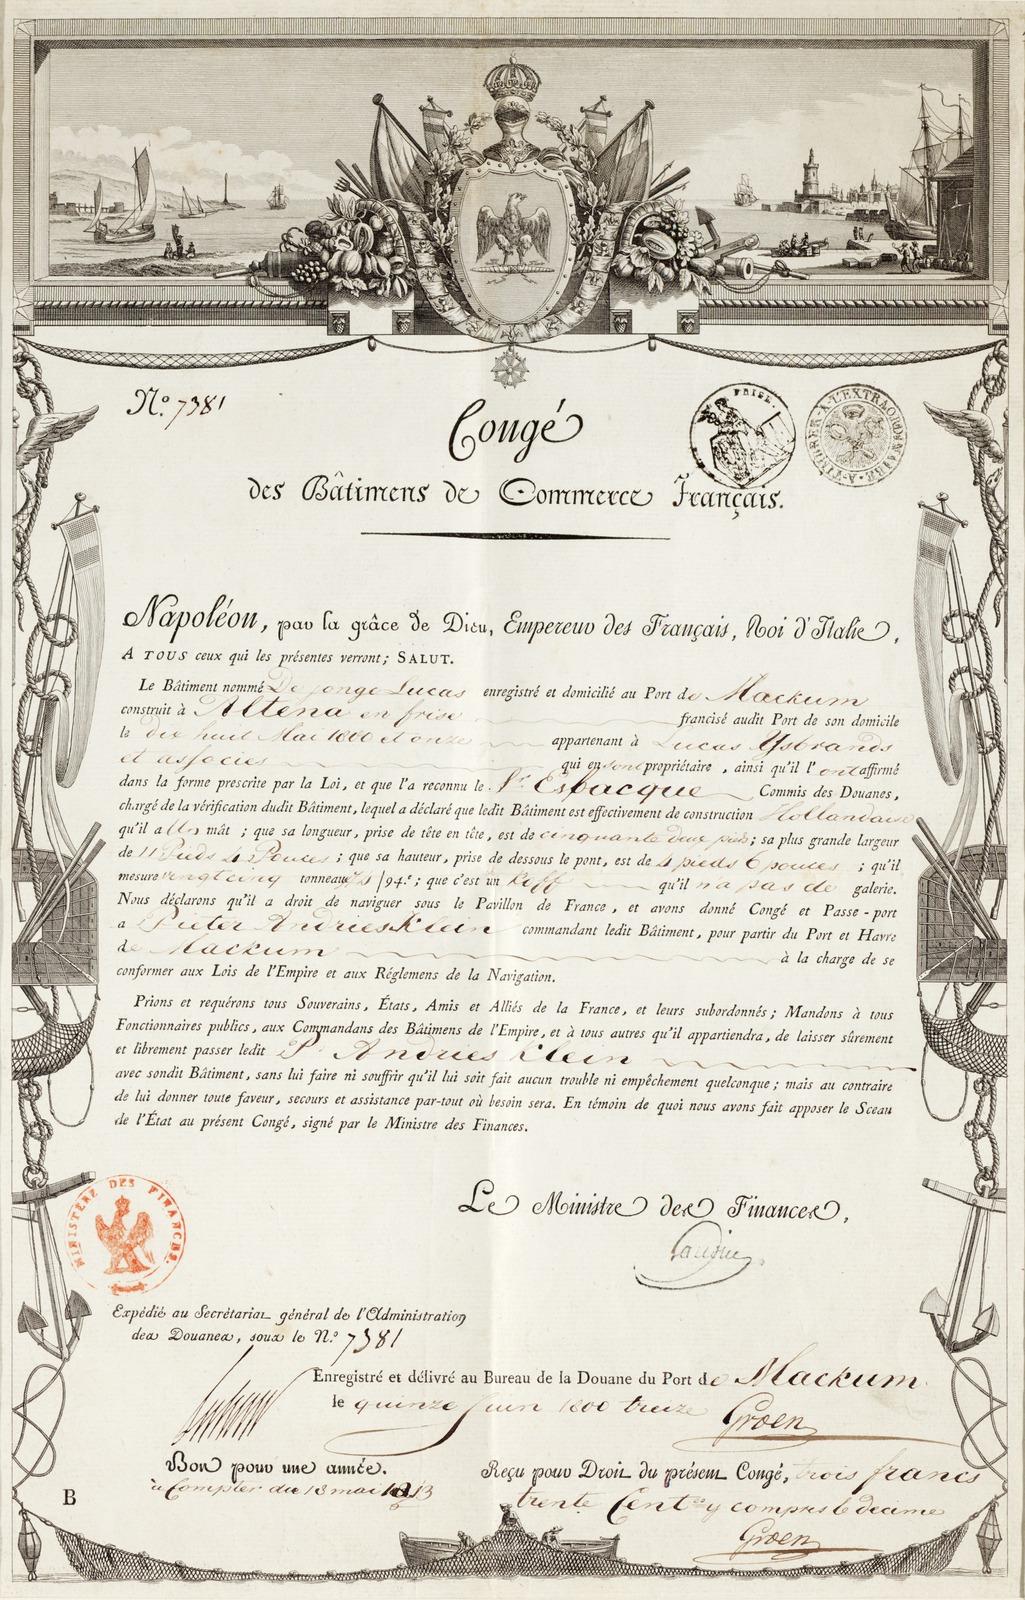 Congé des Bâtiments de Commerce Français ... Enregistré et délivré au Bureau de la Douane du Port de Mackum le quinze Juin 1800 treize 8 juni 1813 getekend door, Groen.